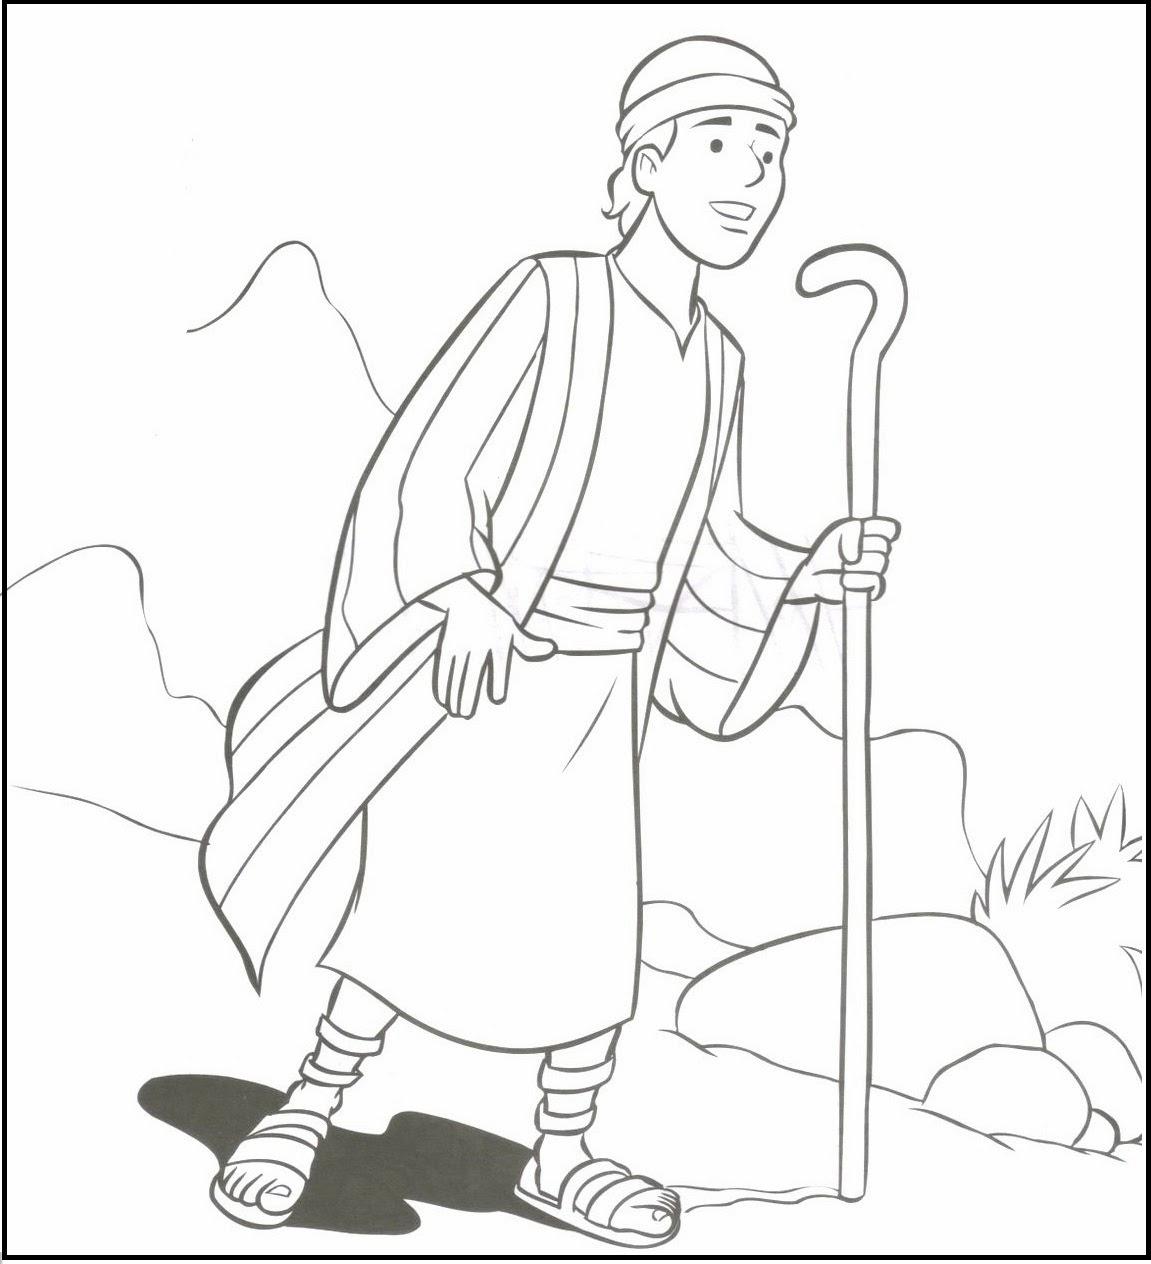 Imagenes Cristianas Para Colorear: Dibujos Para Colorear De Los ...